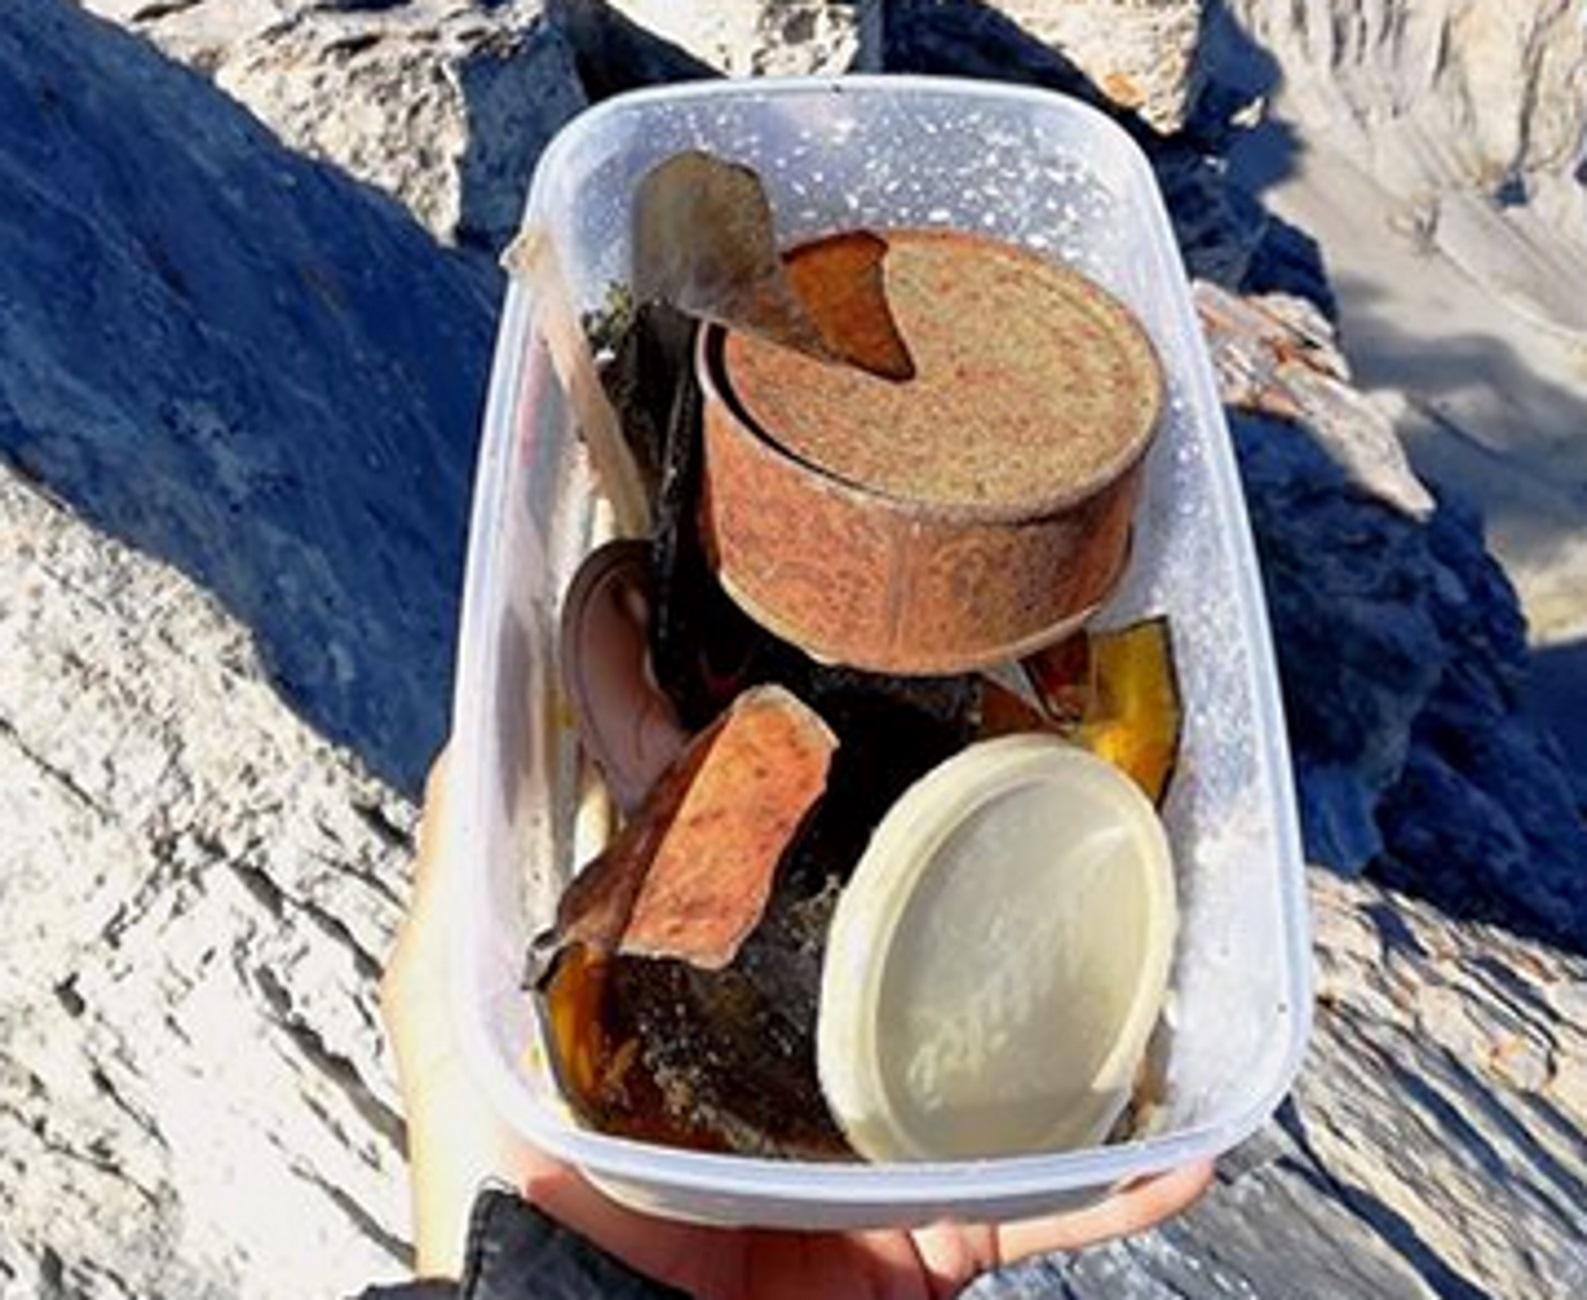 Όλυμπος: Σκουπίδια στην κορυφή του βουνού – Οι εικόνες που αντίκρισε ορειβάτης όταν ανέβηκε [pics]